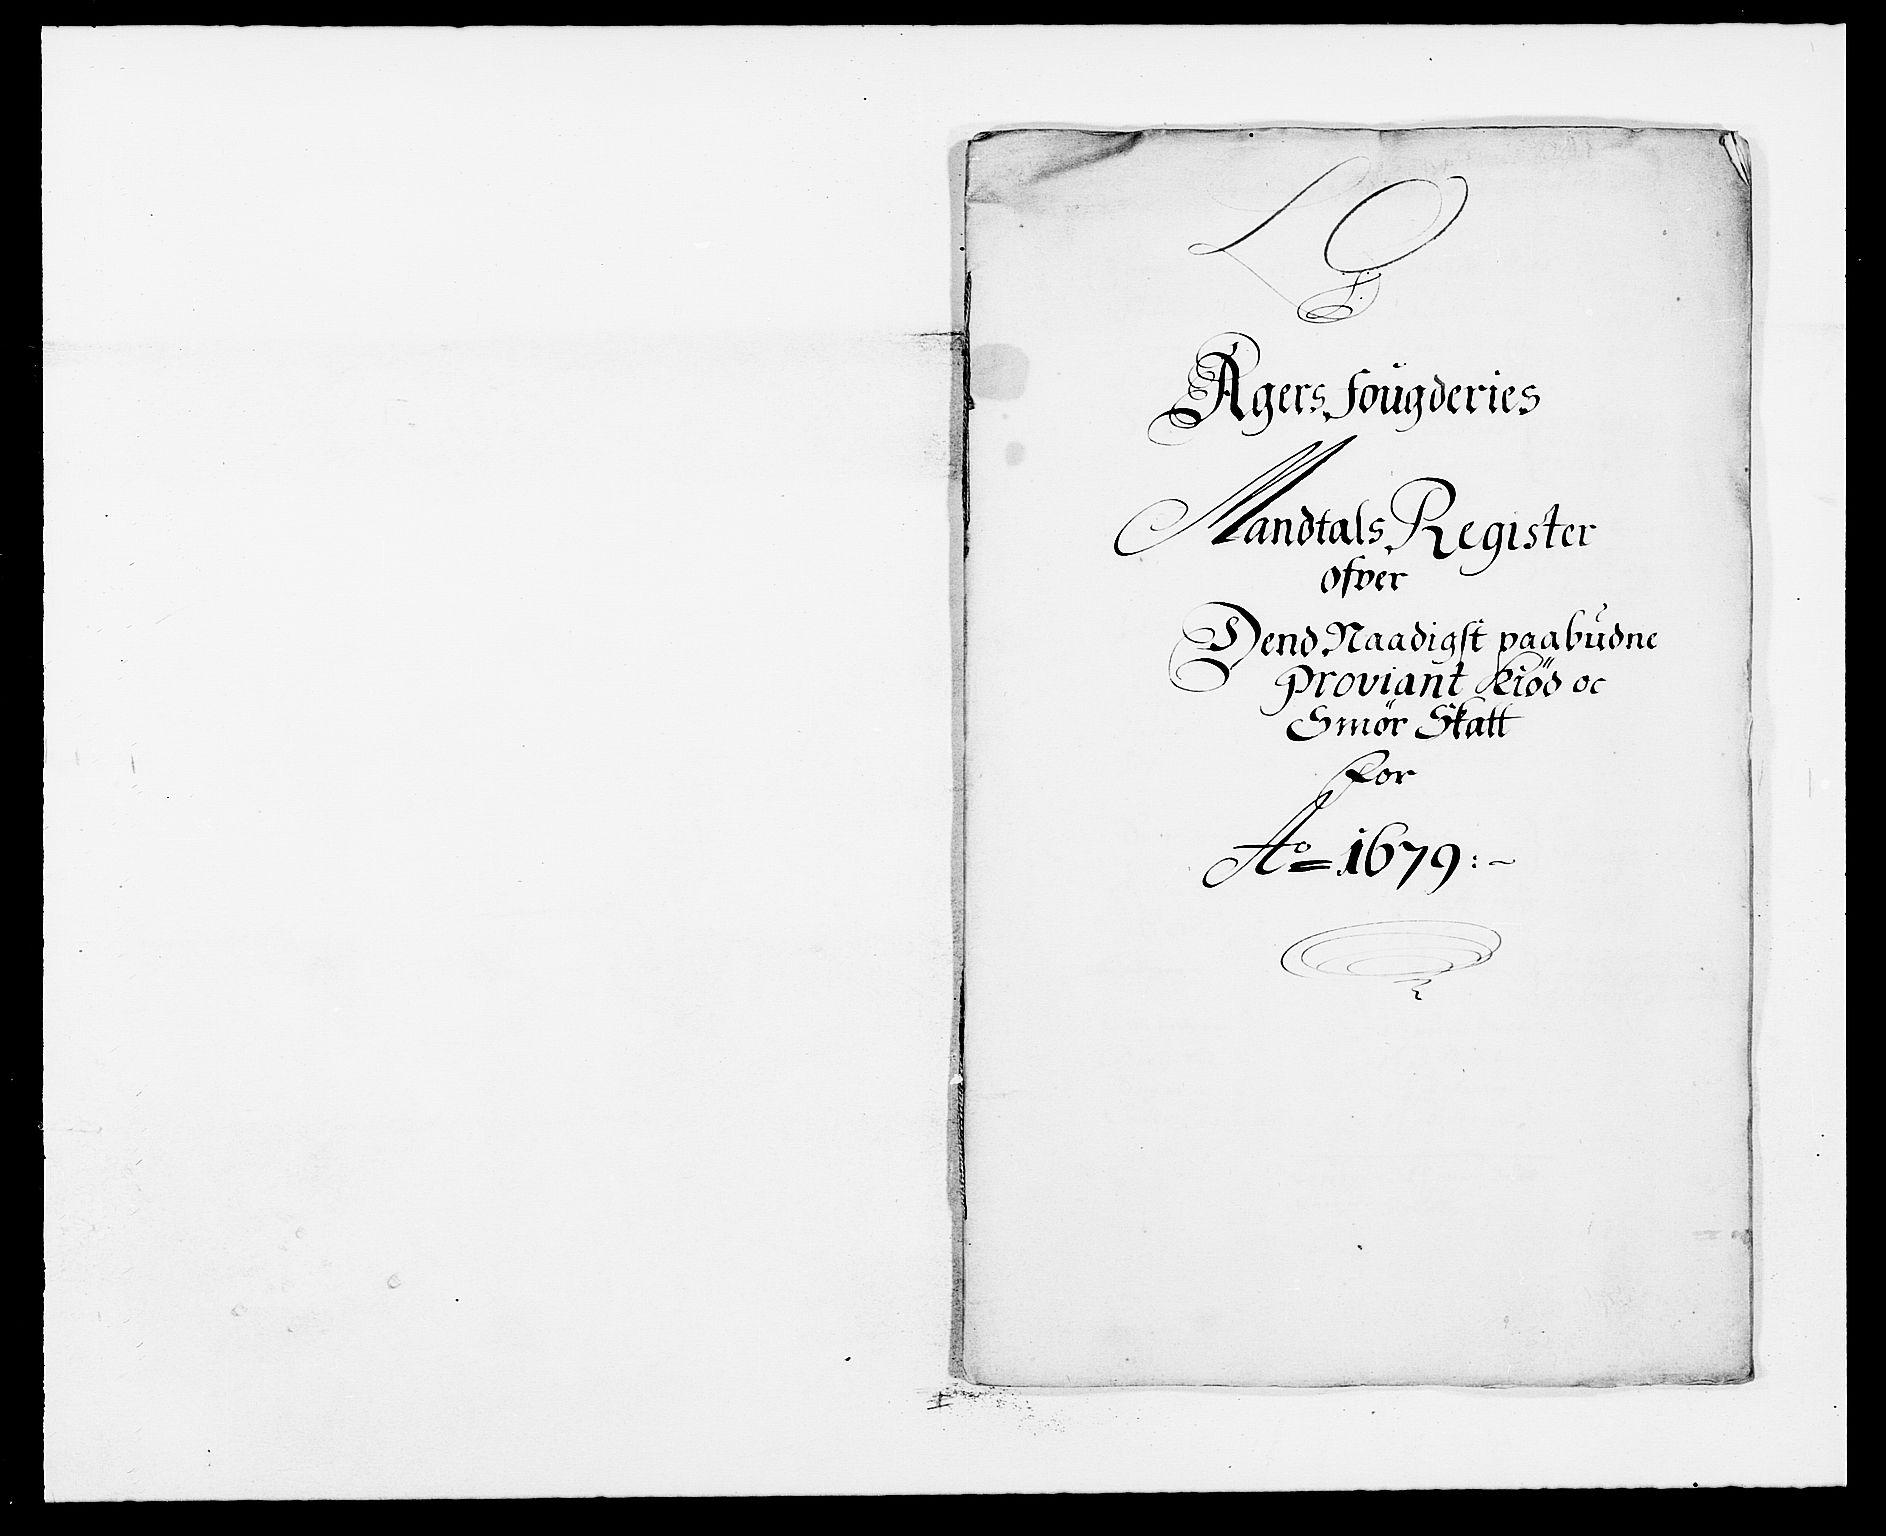 RA, Rentekammeret inntil 1814, Reviderte regnskaper, Fogderegnskap, R08/L0416: Fogderegnskap Aker, 1678-1681, s. 420